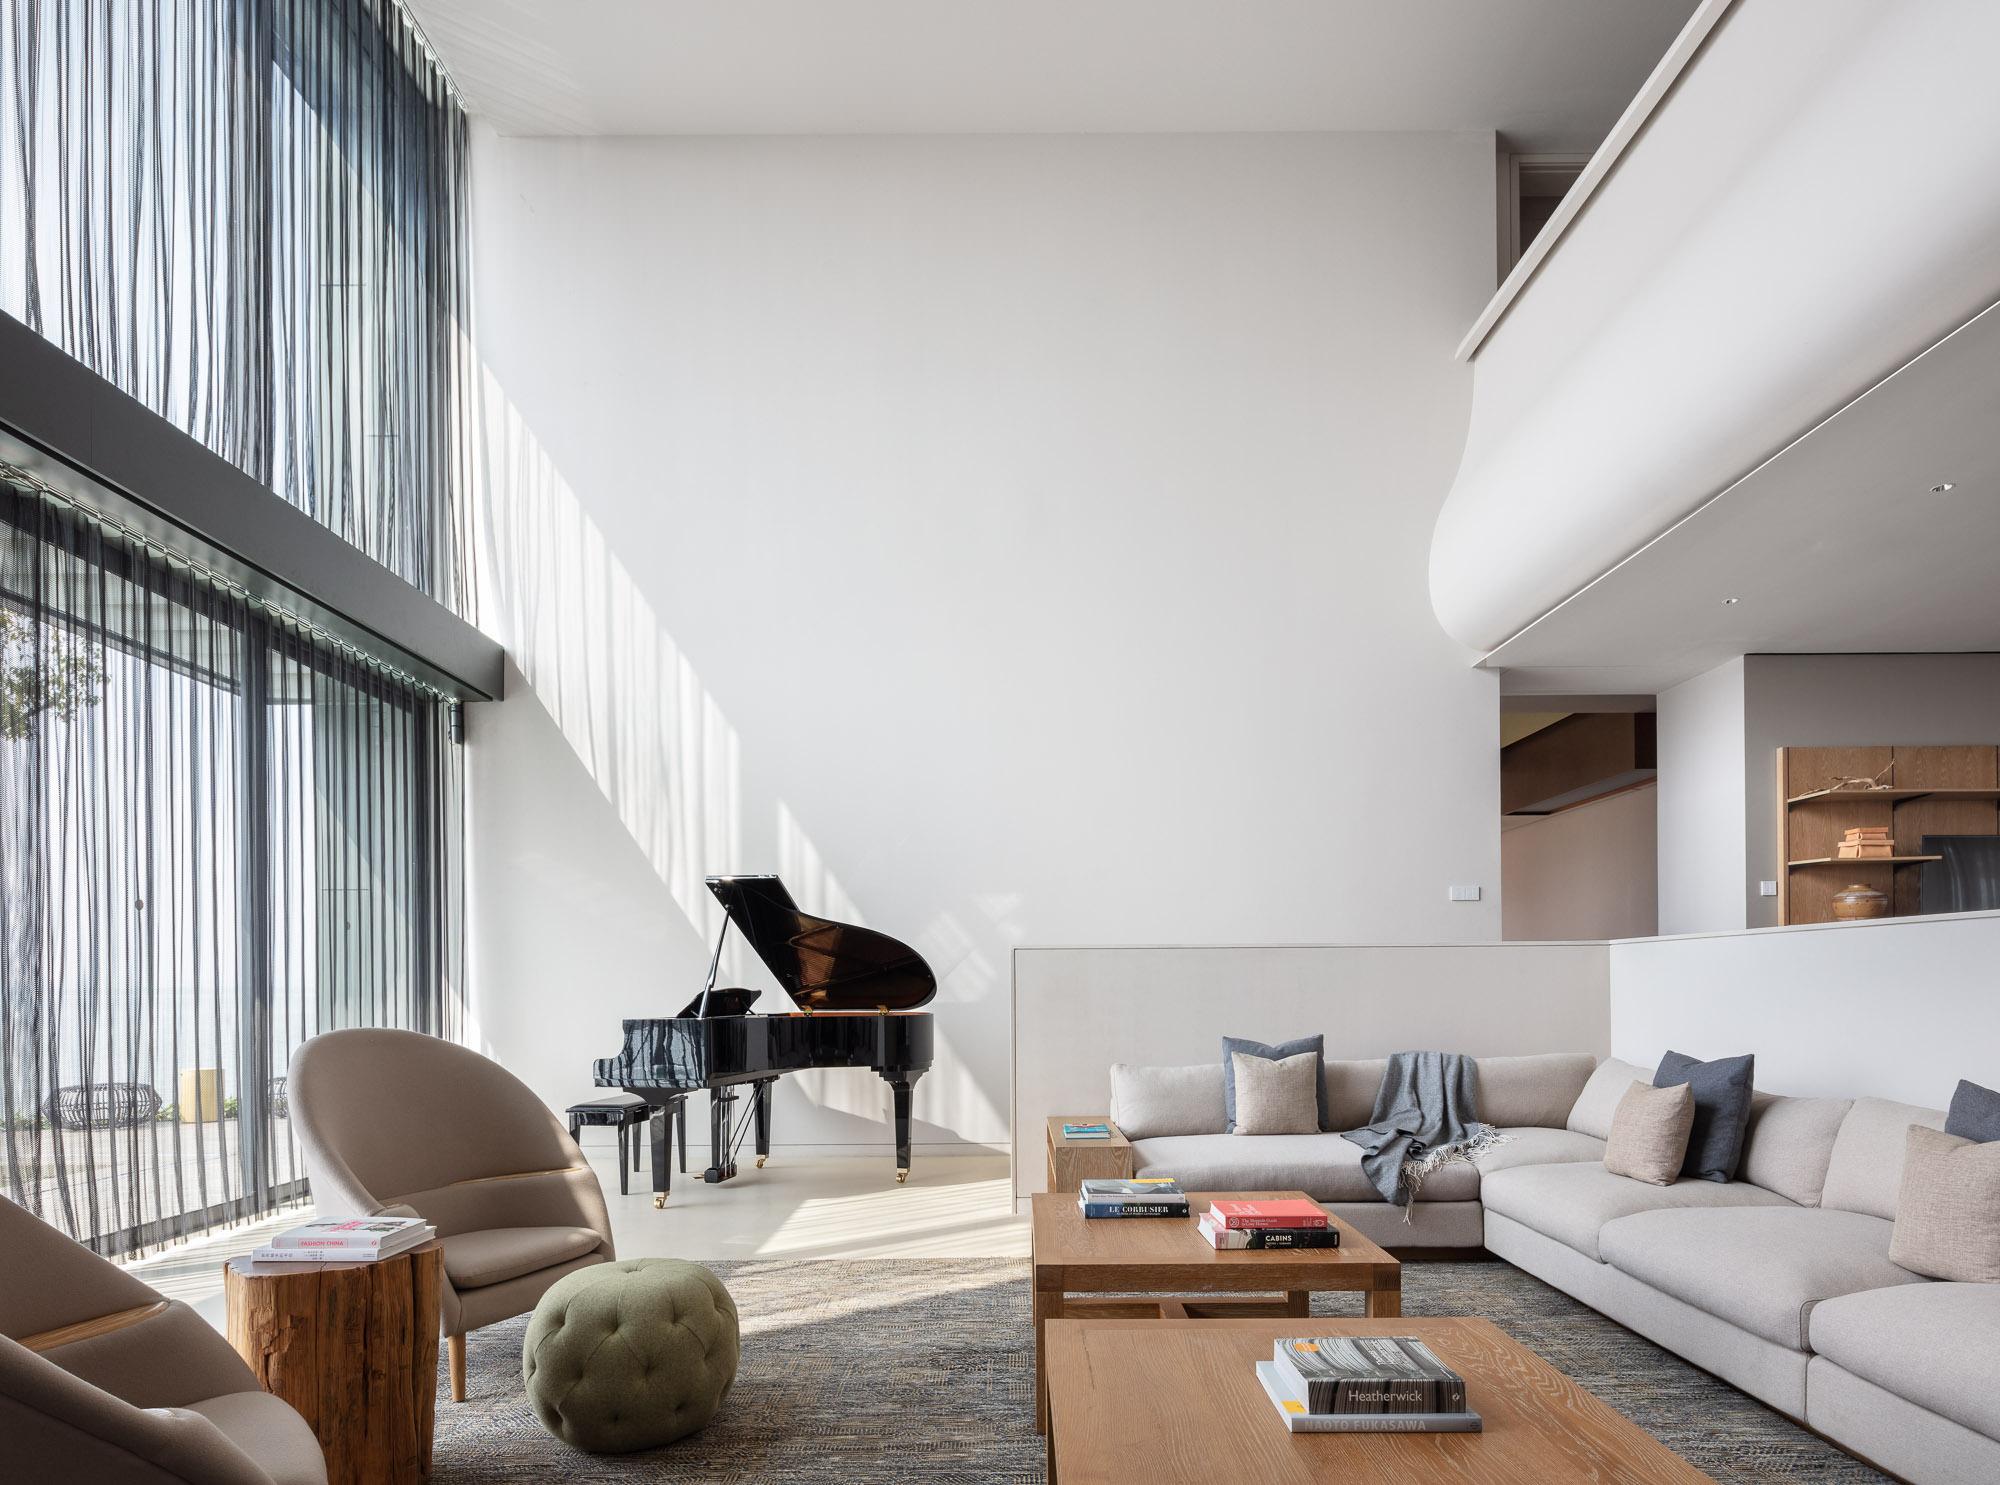 Villas at Sangha Retreat, Shanghai, China - Tsao & McKown